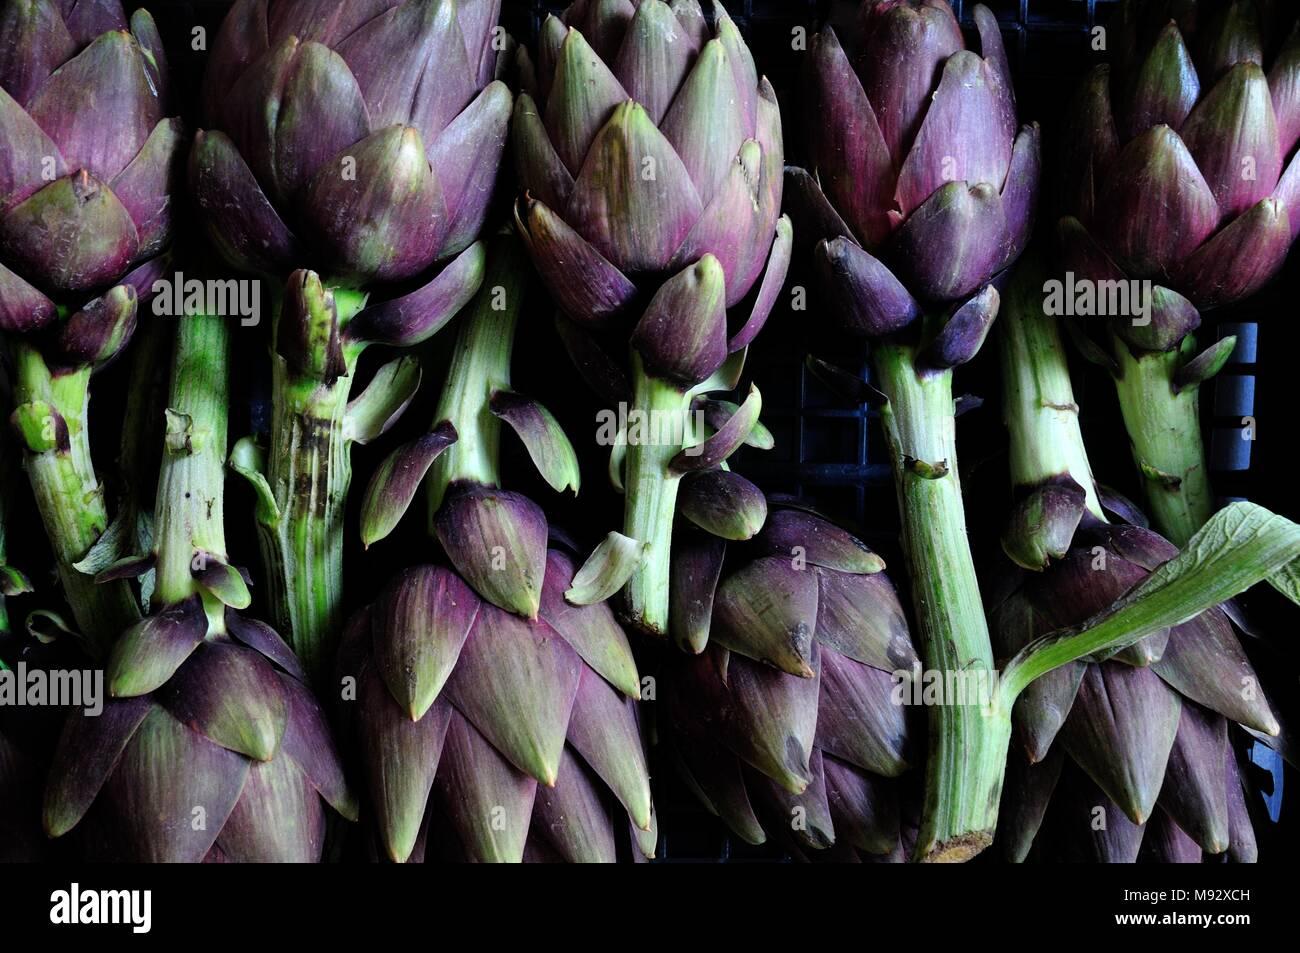 9 Artichauts bio vert sur fond gris, vue d'en haut. Suivre un régime sain et d'antioxydants de légumes. Photo Stock